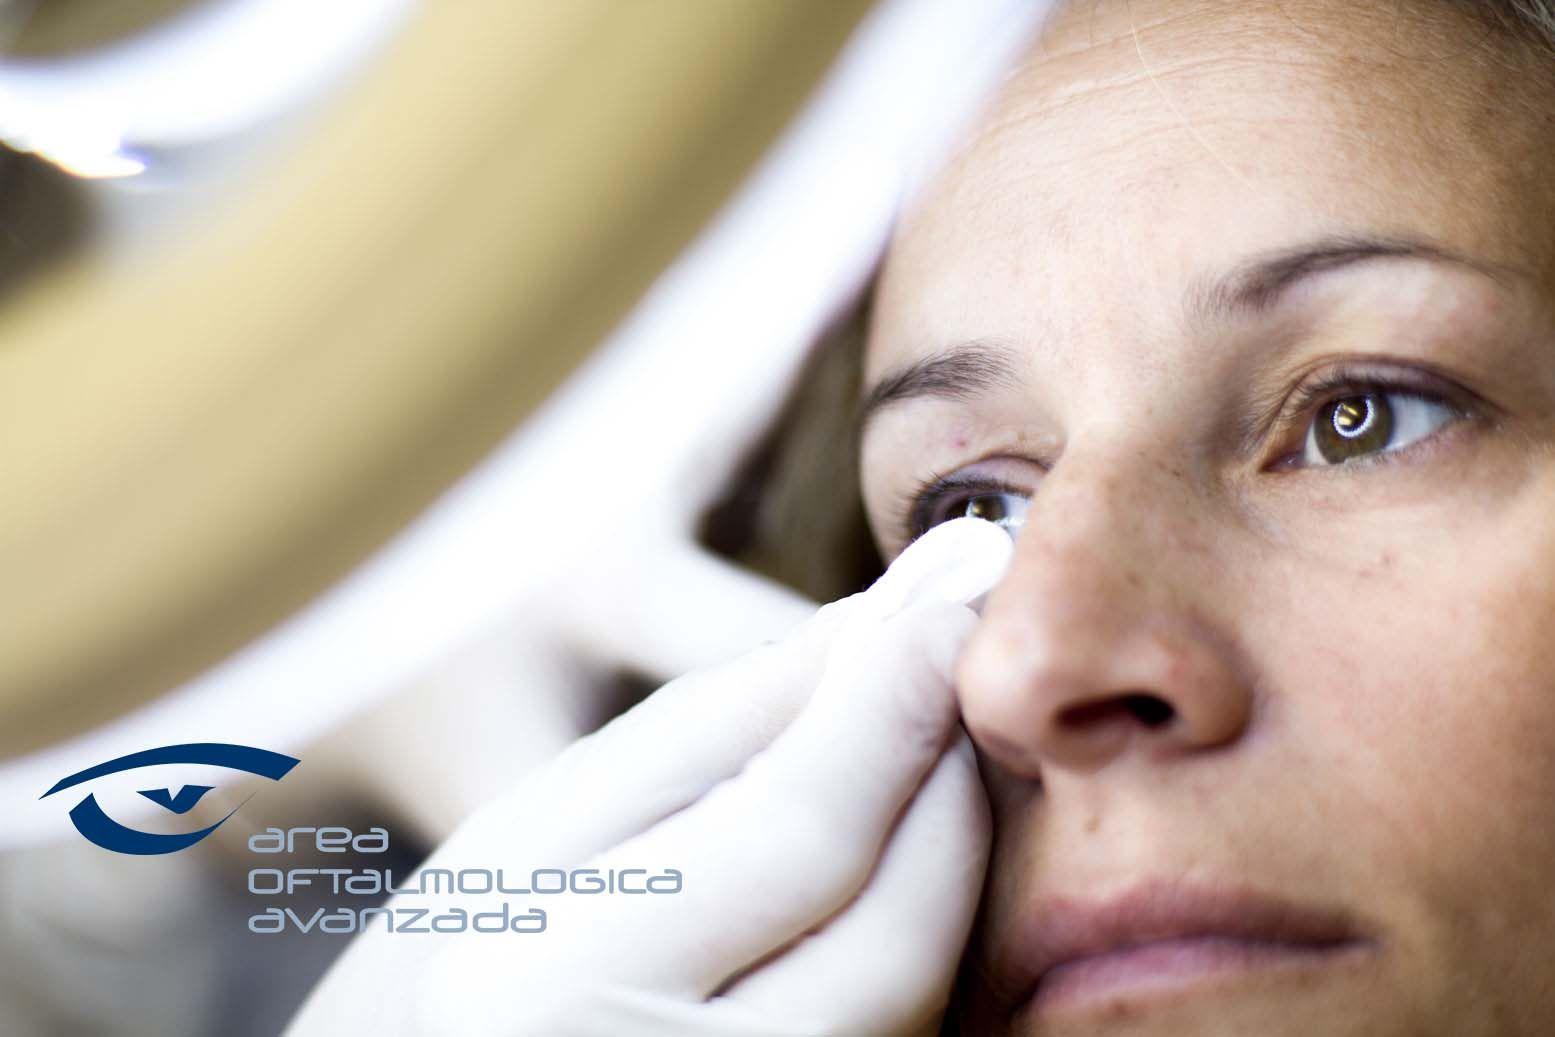 Foto de Tratamiento de ojo seco en Área Oftalmológica Avanzada